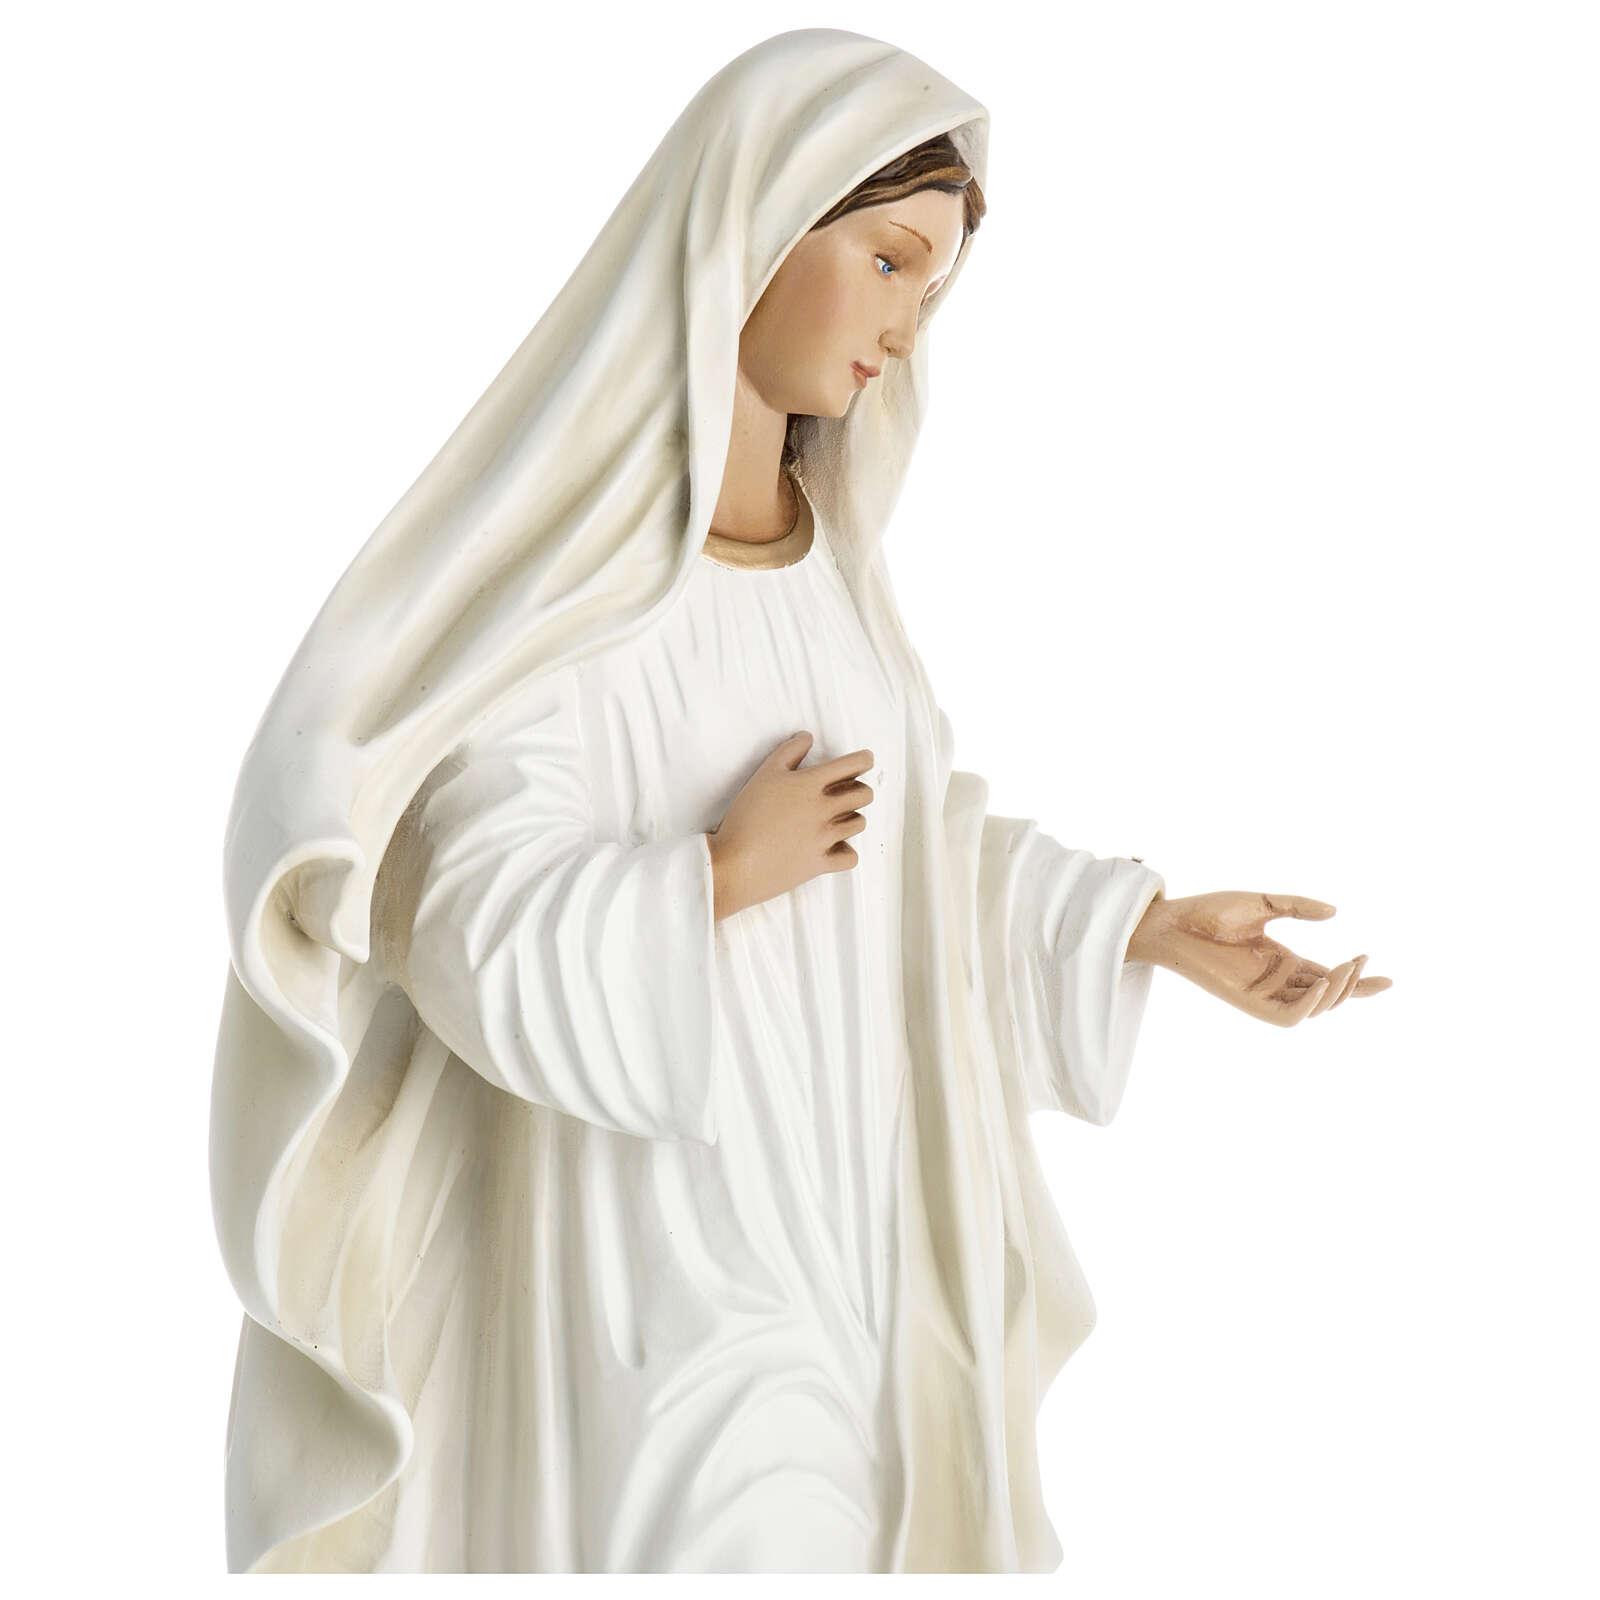 Madonna Medjugorje vetroresina 60 cm finitura speciale 4